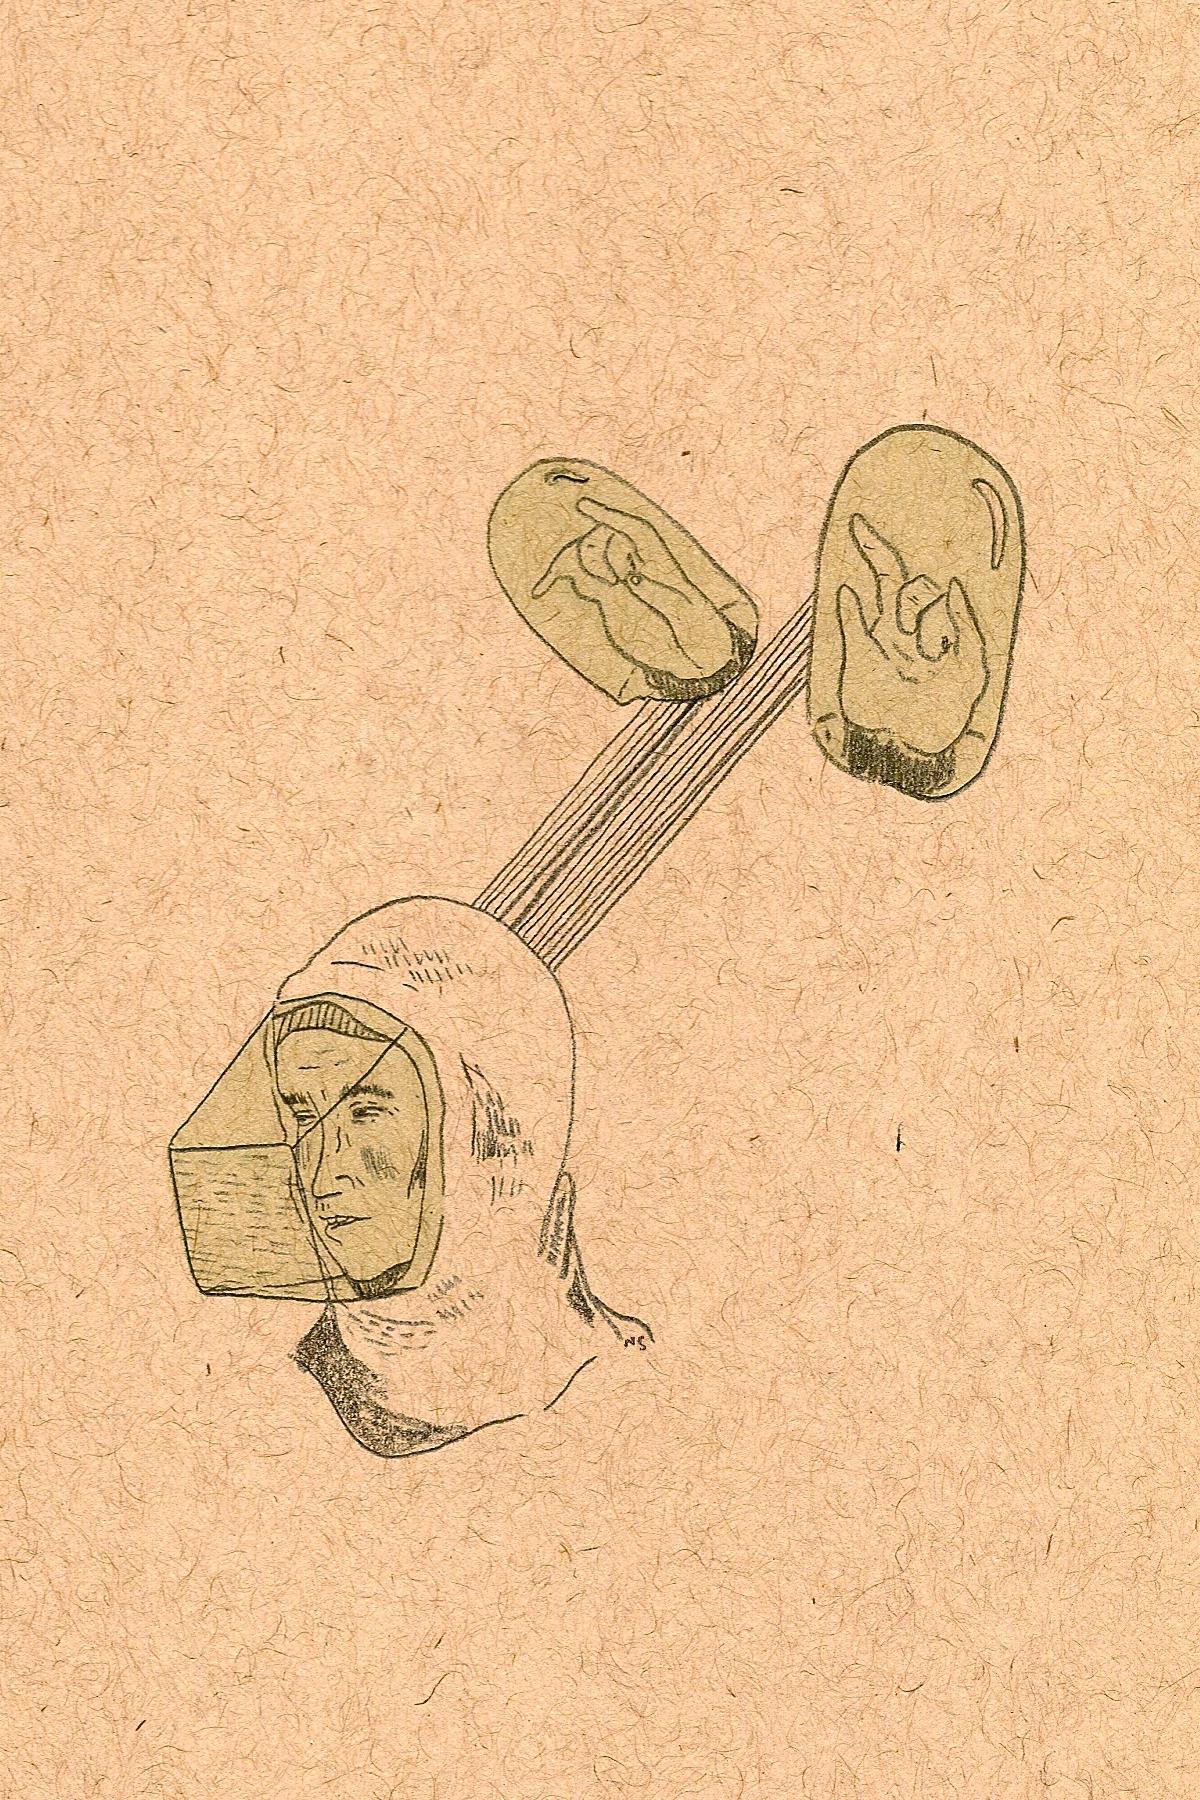 Sketchbook Page_10.jpg